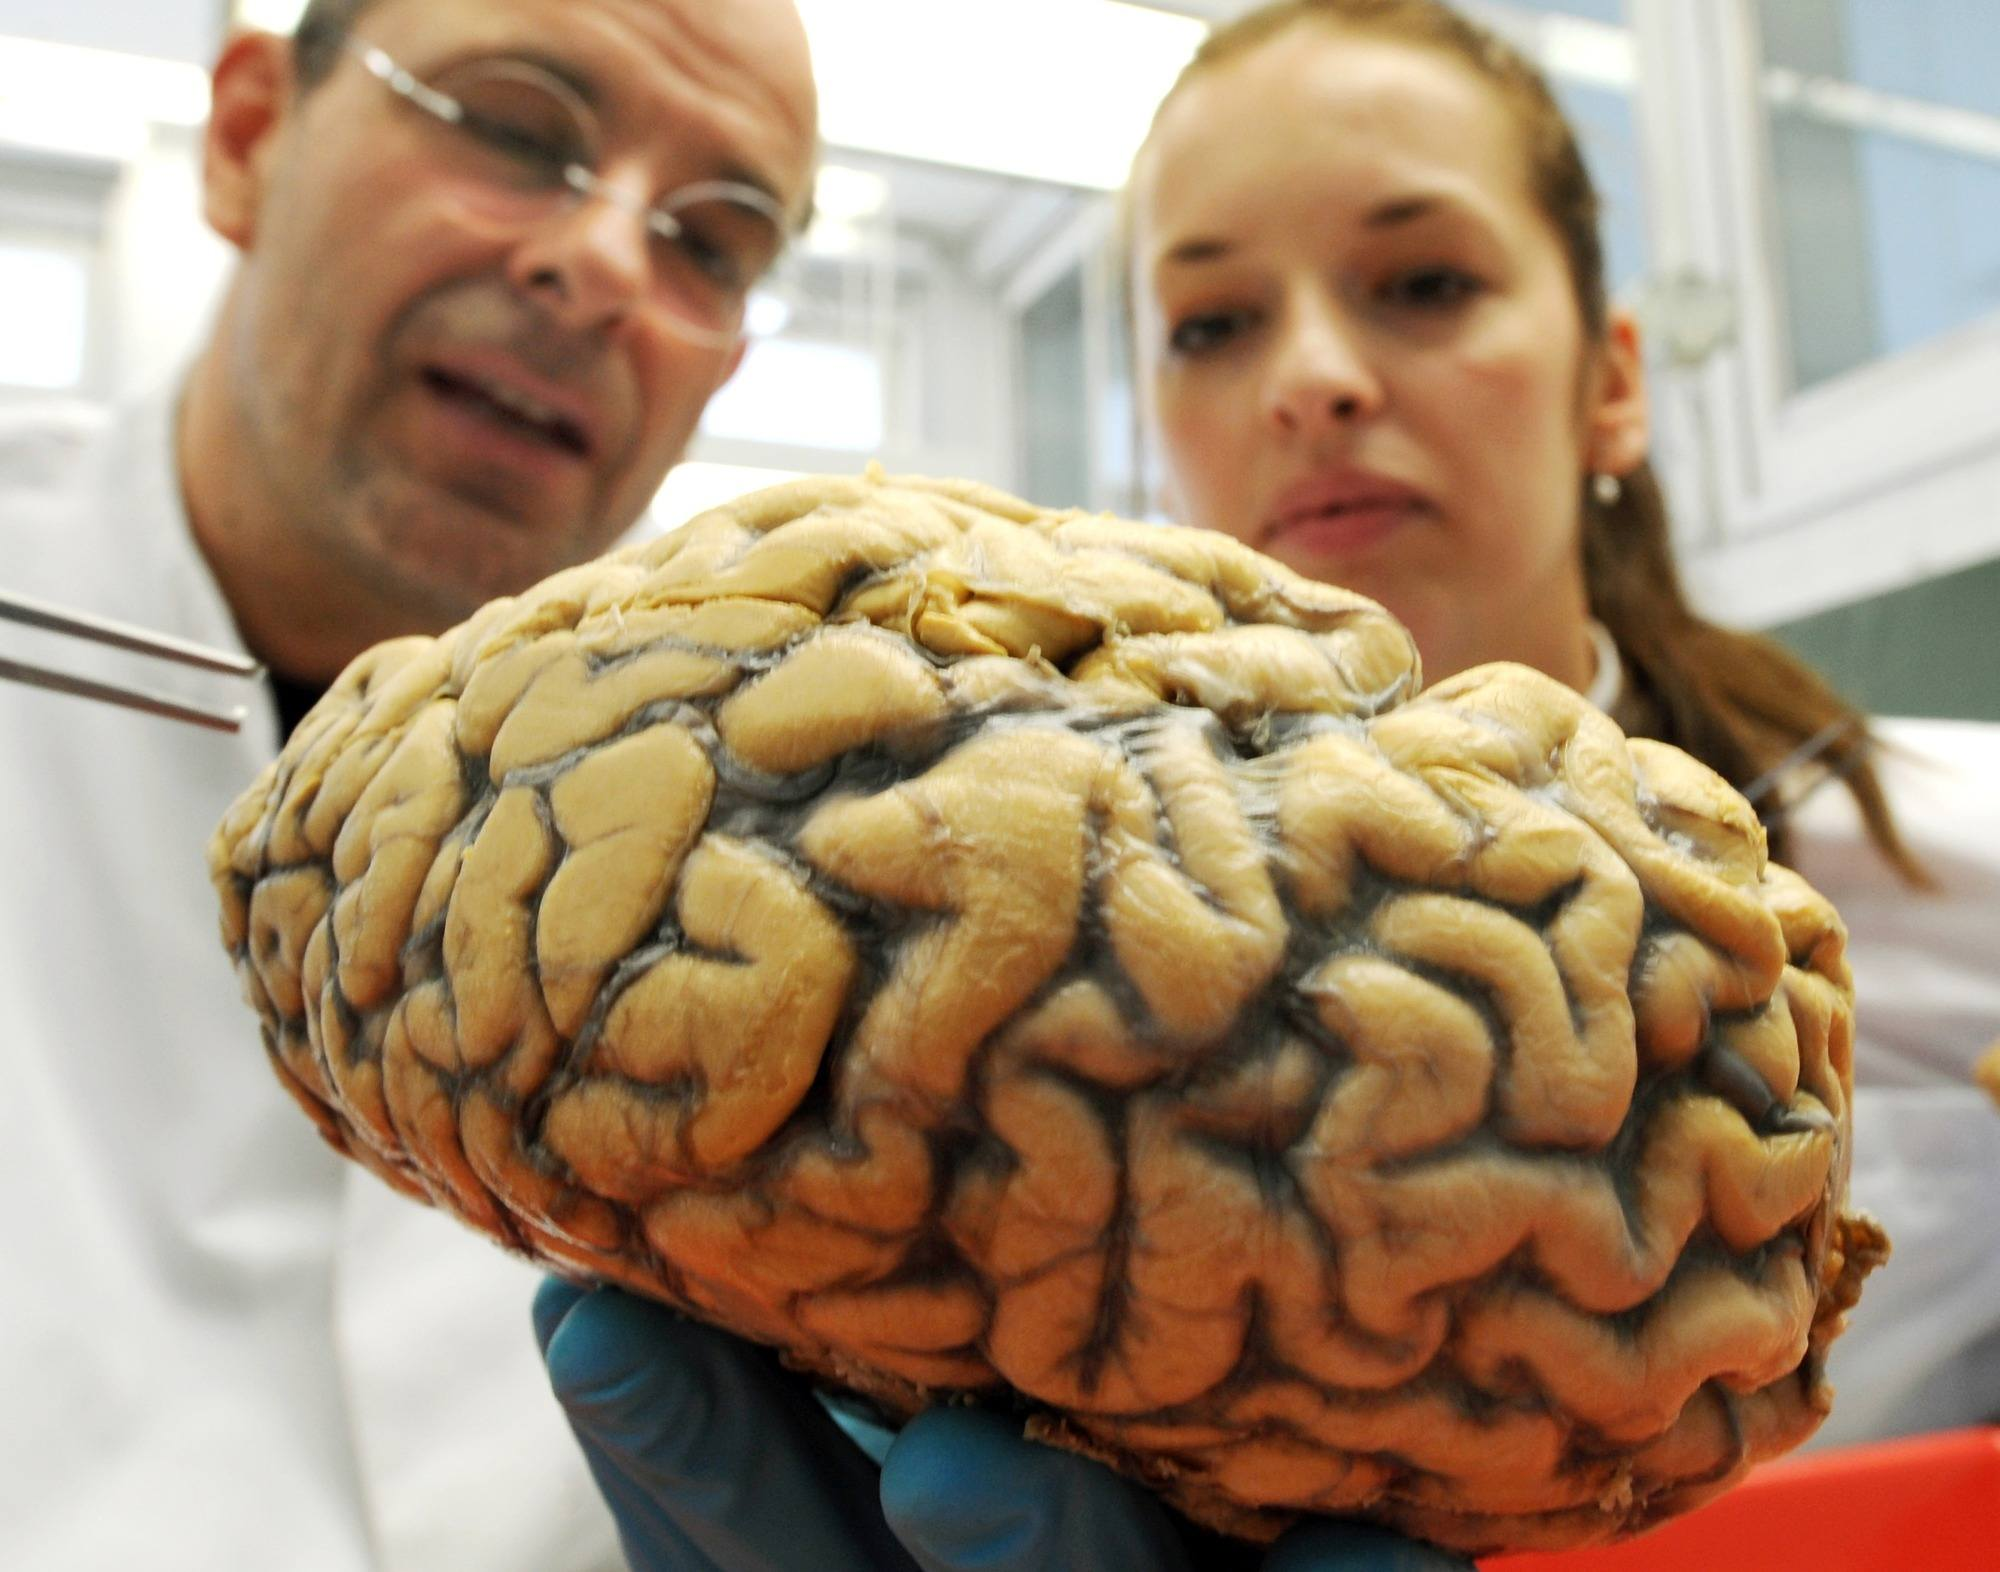 Seorang Ilmuwan Berhasil Membuat Otak Babi Tetap Berfungsi di Luar Tubuh